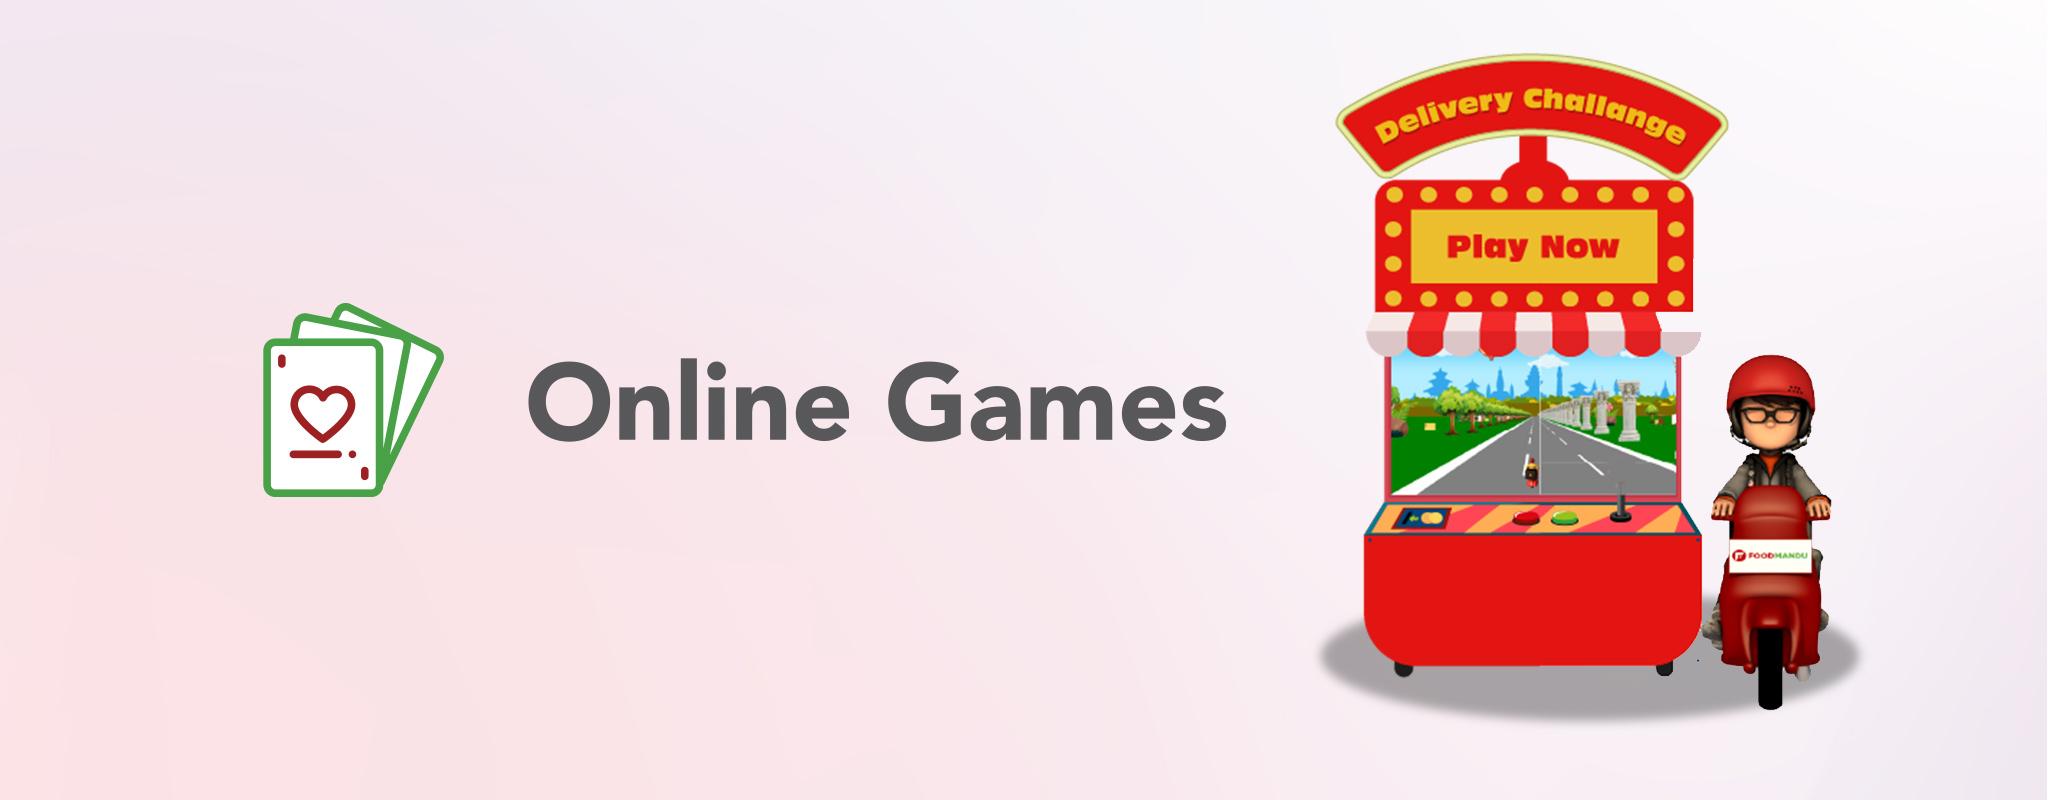 online games Foodmandu Online Food Festival